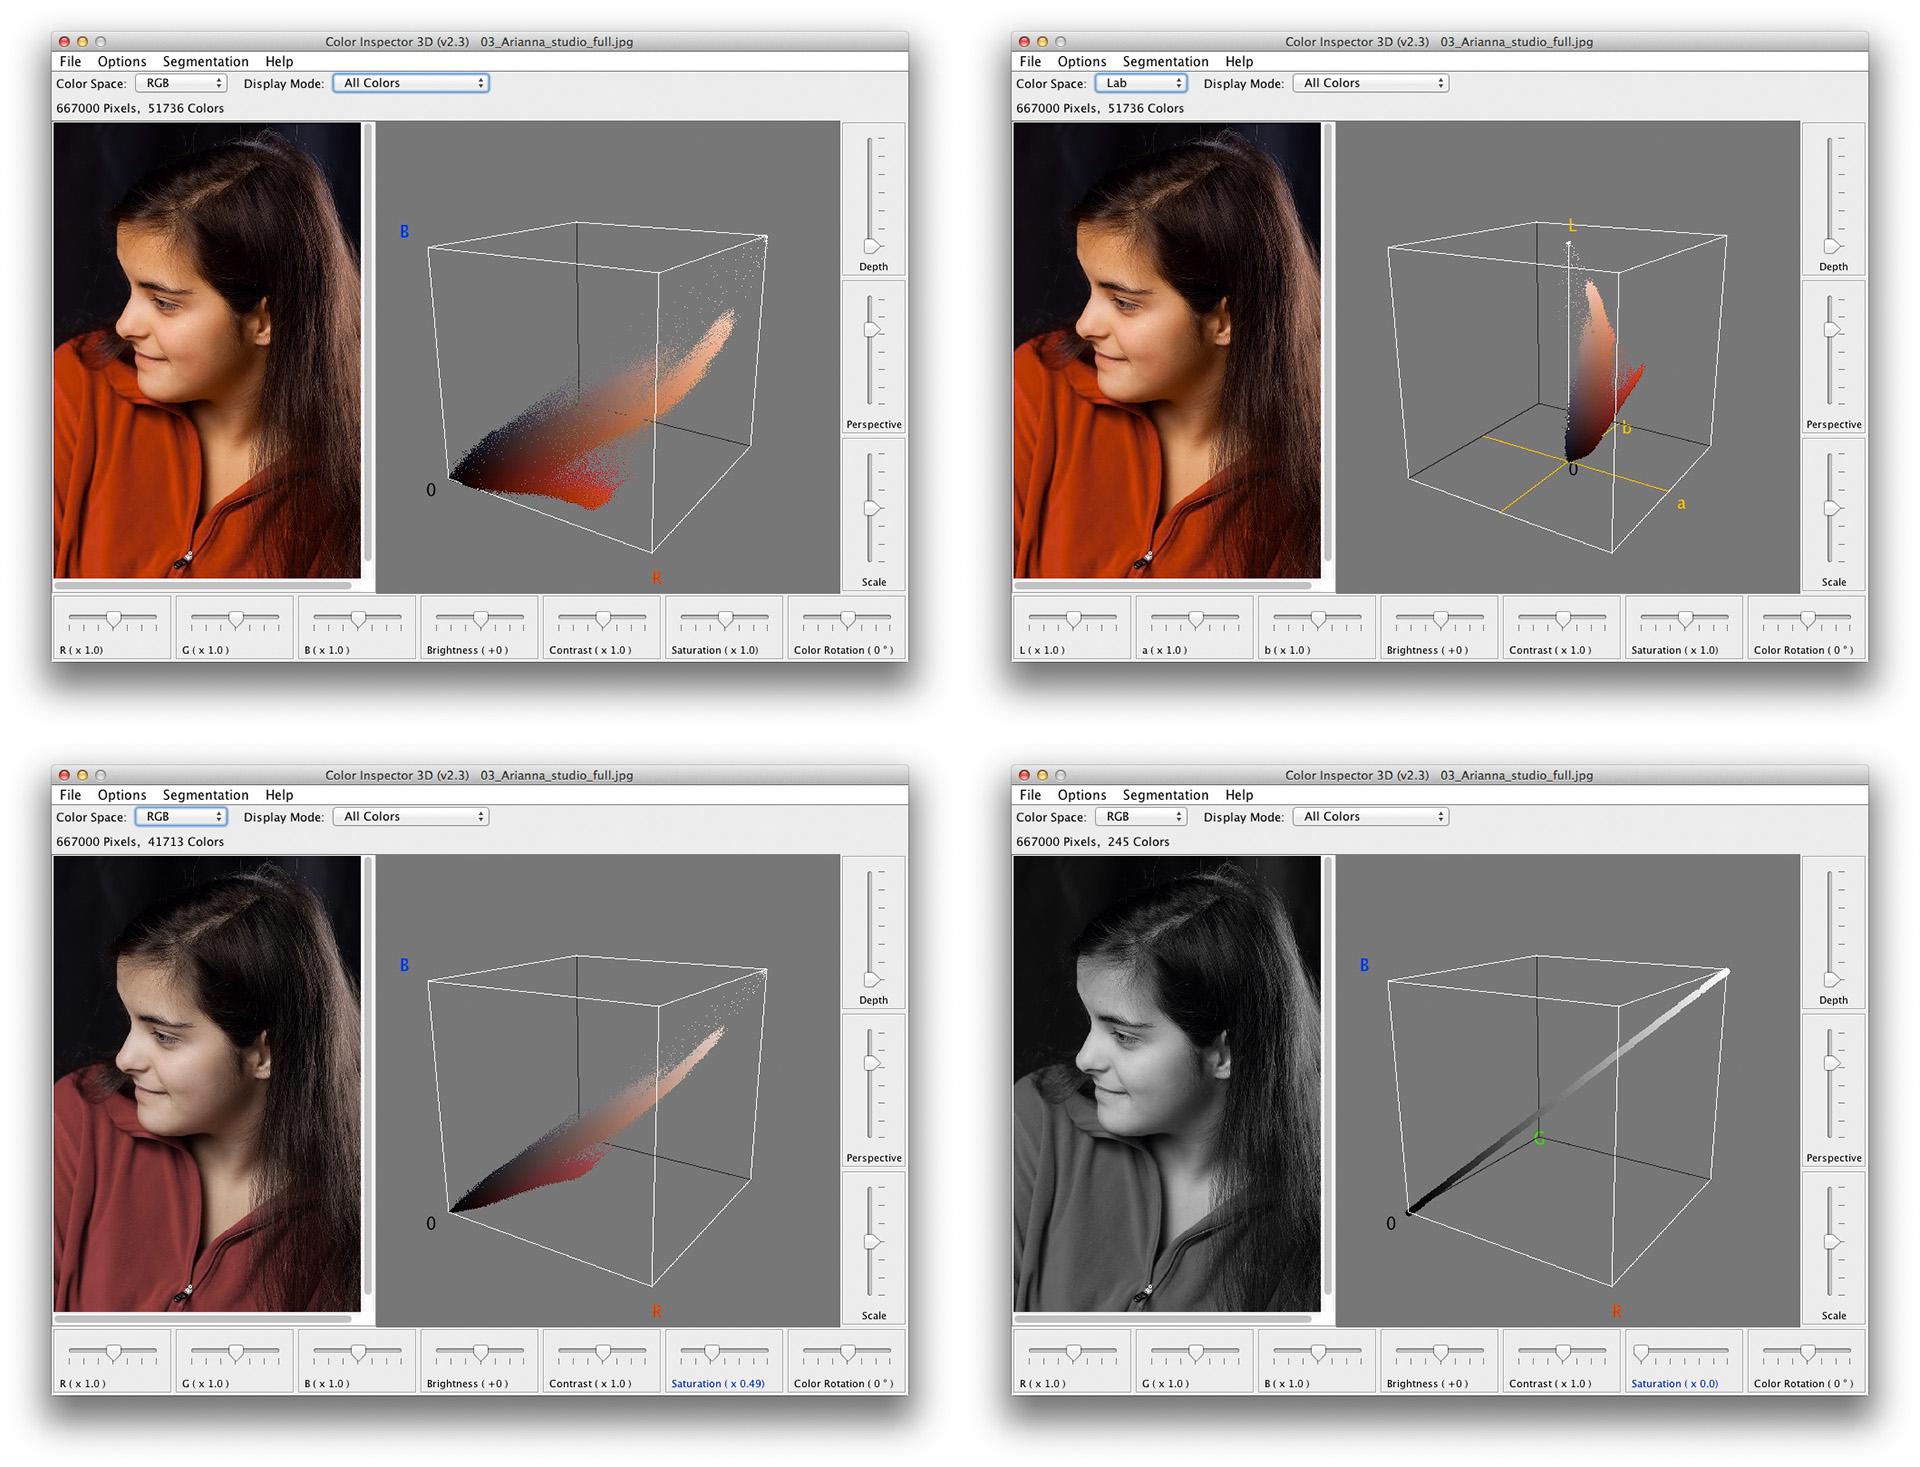 Gamut d'immagine a confronto. In alto a sinistra: immagine originale, RGB. In alto a destra: immagine originale, Lab. In basso a sinistra: immagine parzialmente desaturata, RGB. In basso a destra: immagine completamente desaturata, RGB.